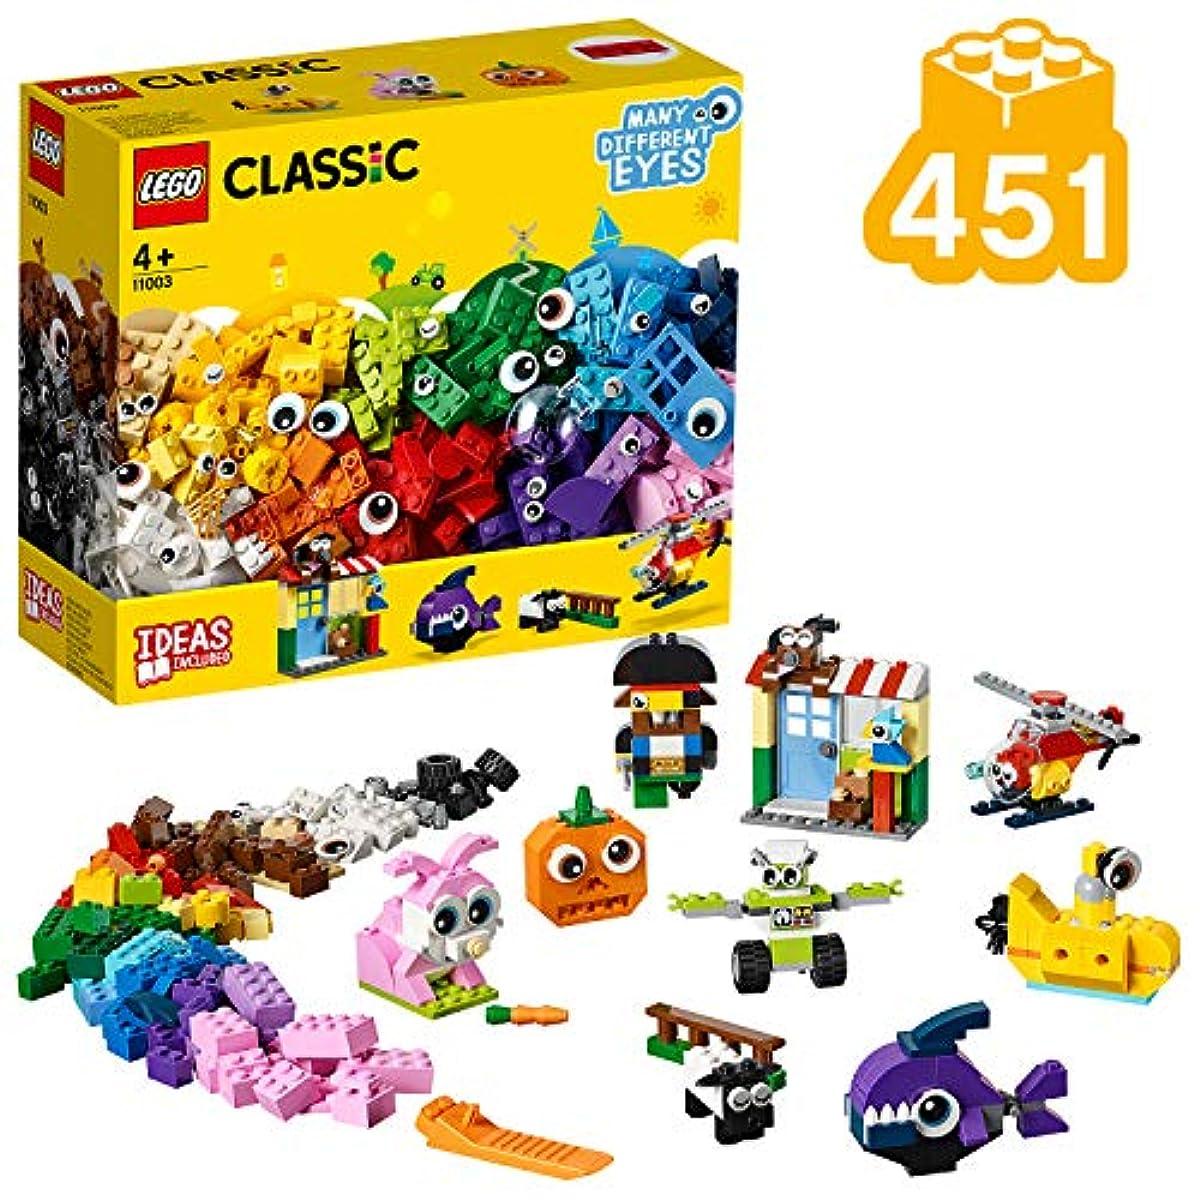 [해외] 레고(LEGO) 클래식 크리에이티브 박스<目のパーツ入り> 11003